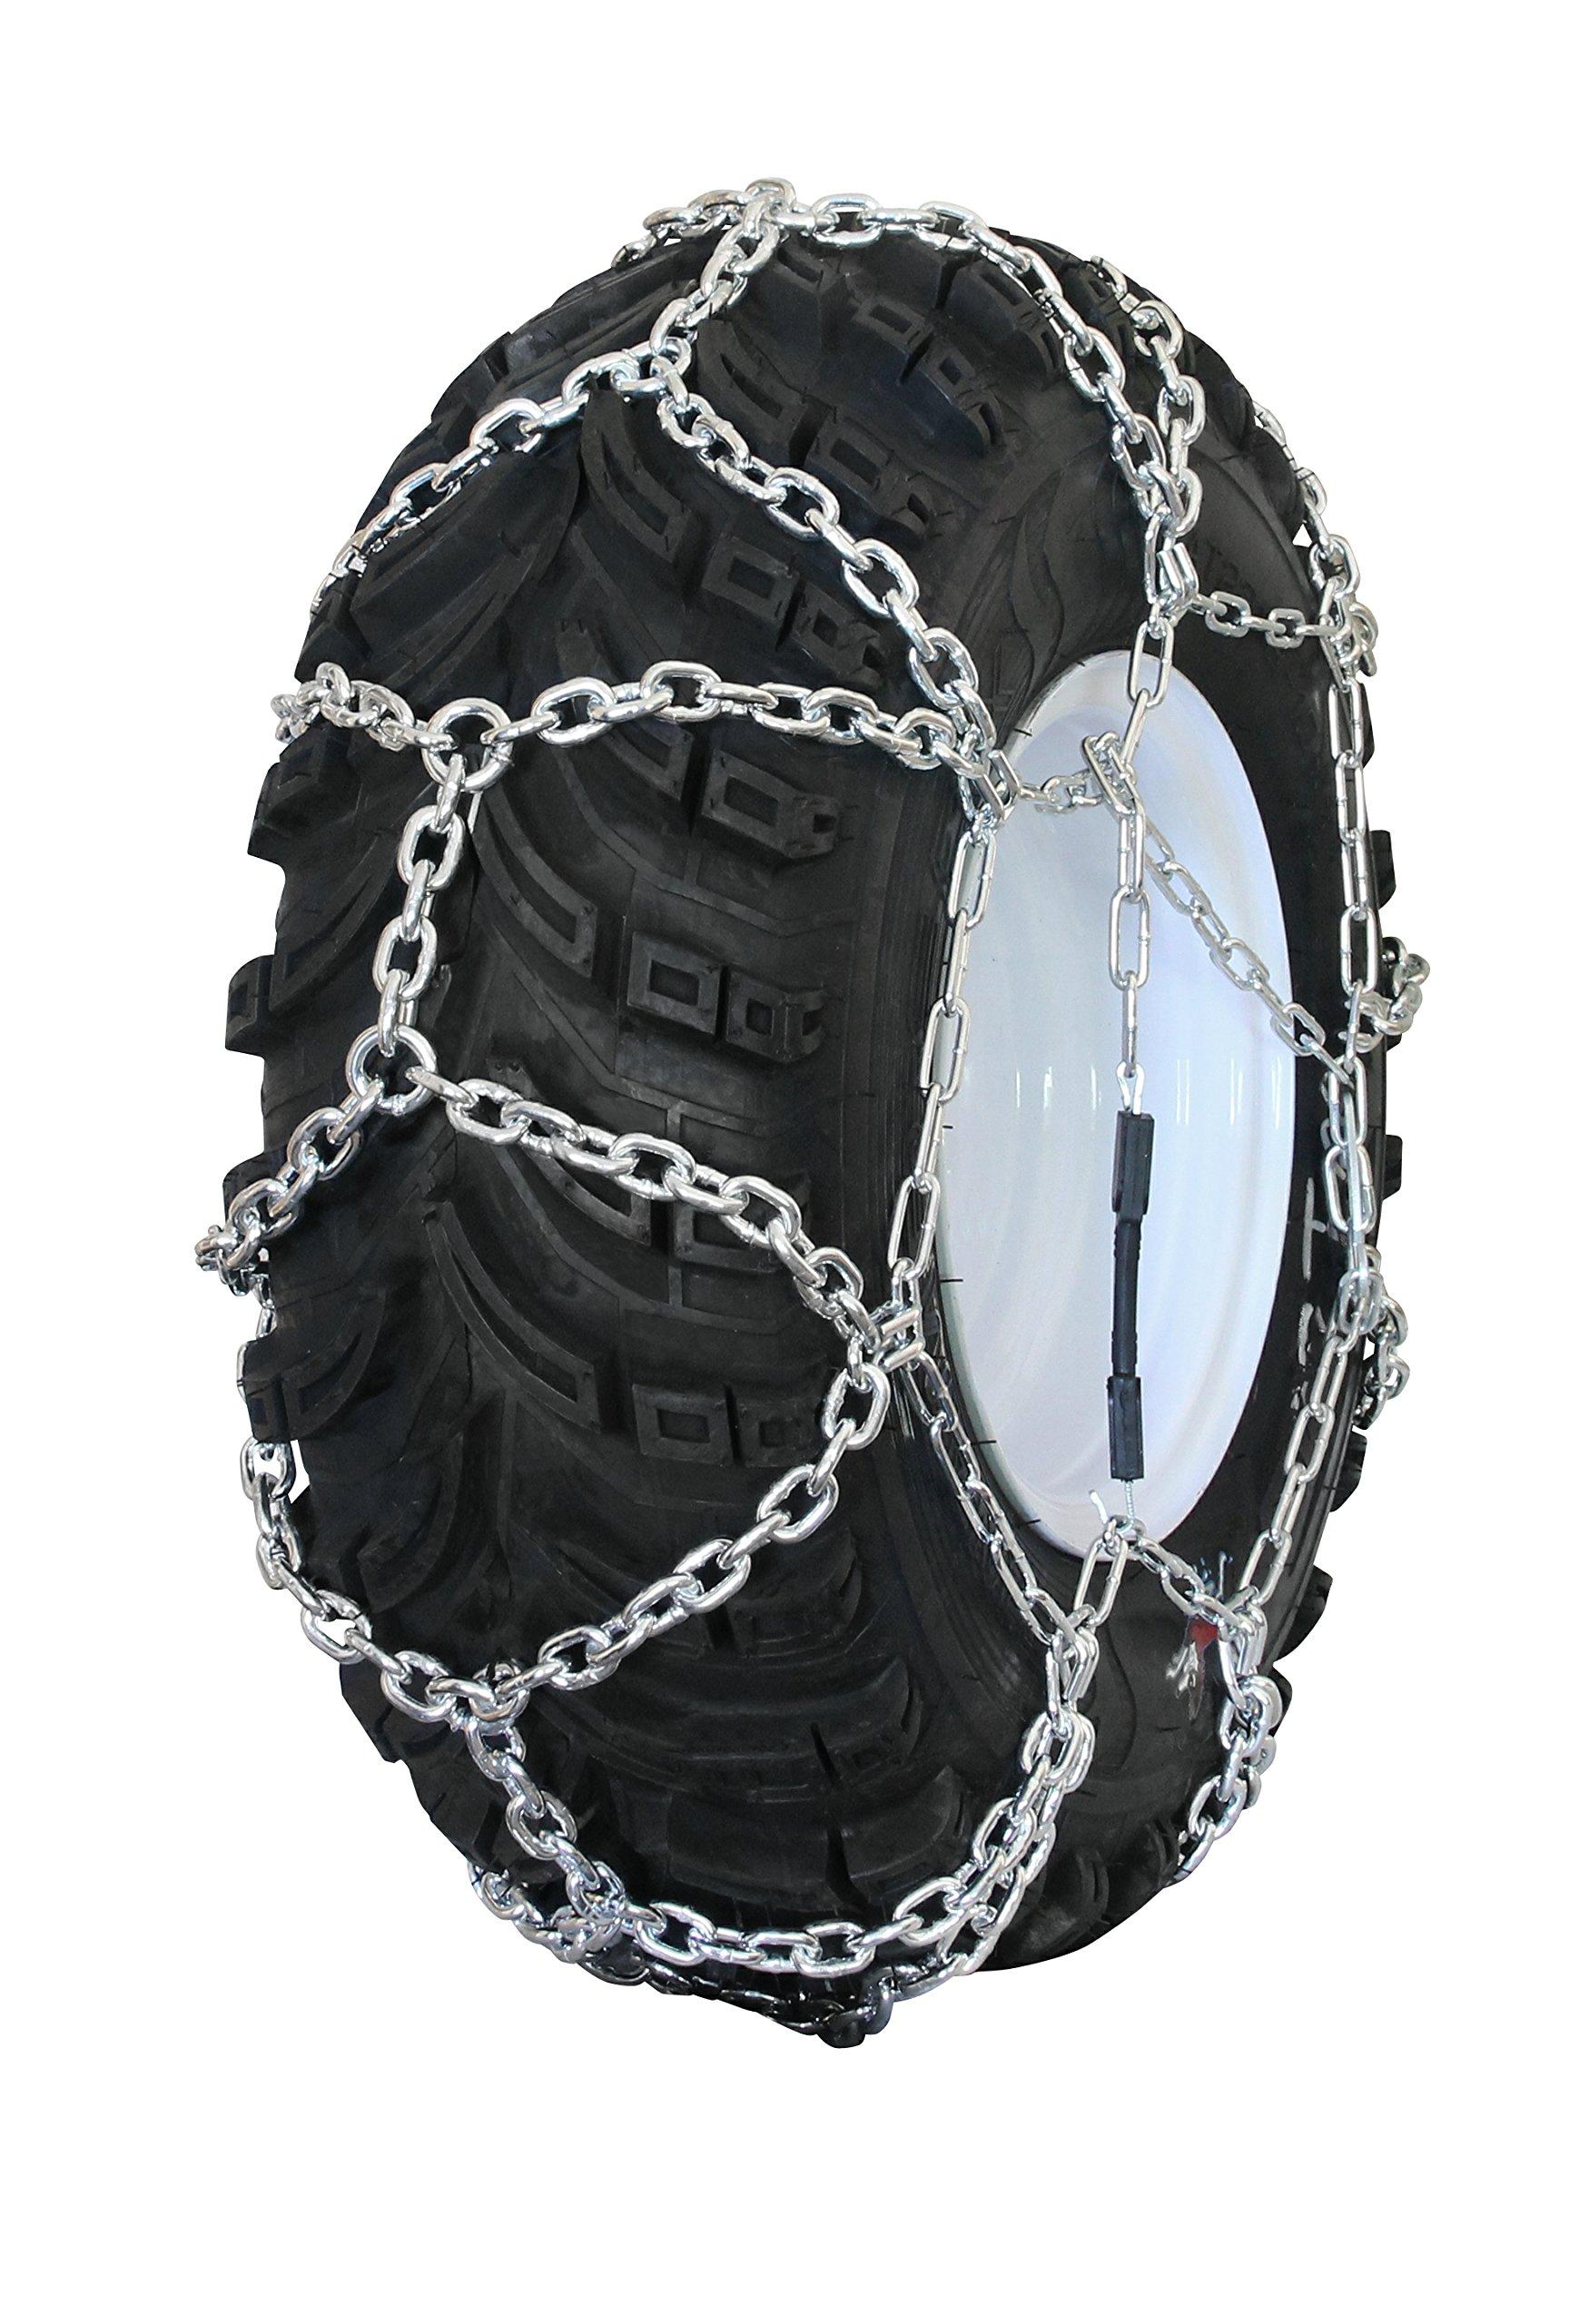 Peerless MTN-238 Garden Tractor / Snowblower Net / Diamond Style Tire Chains 29x12-12